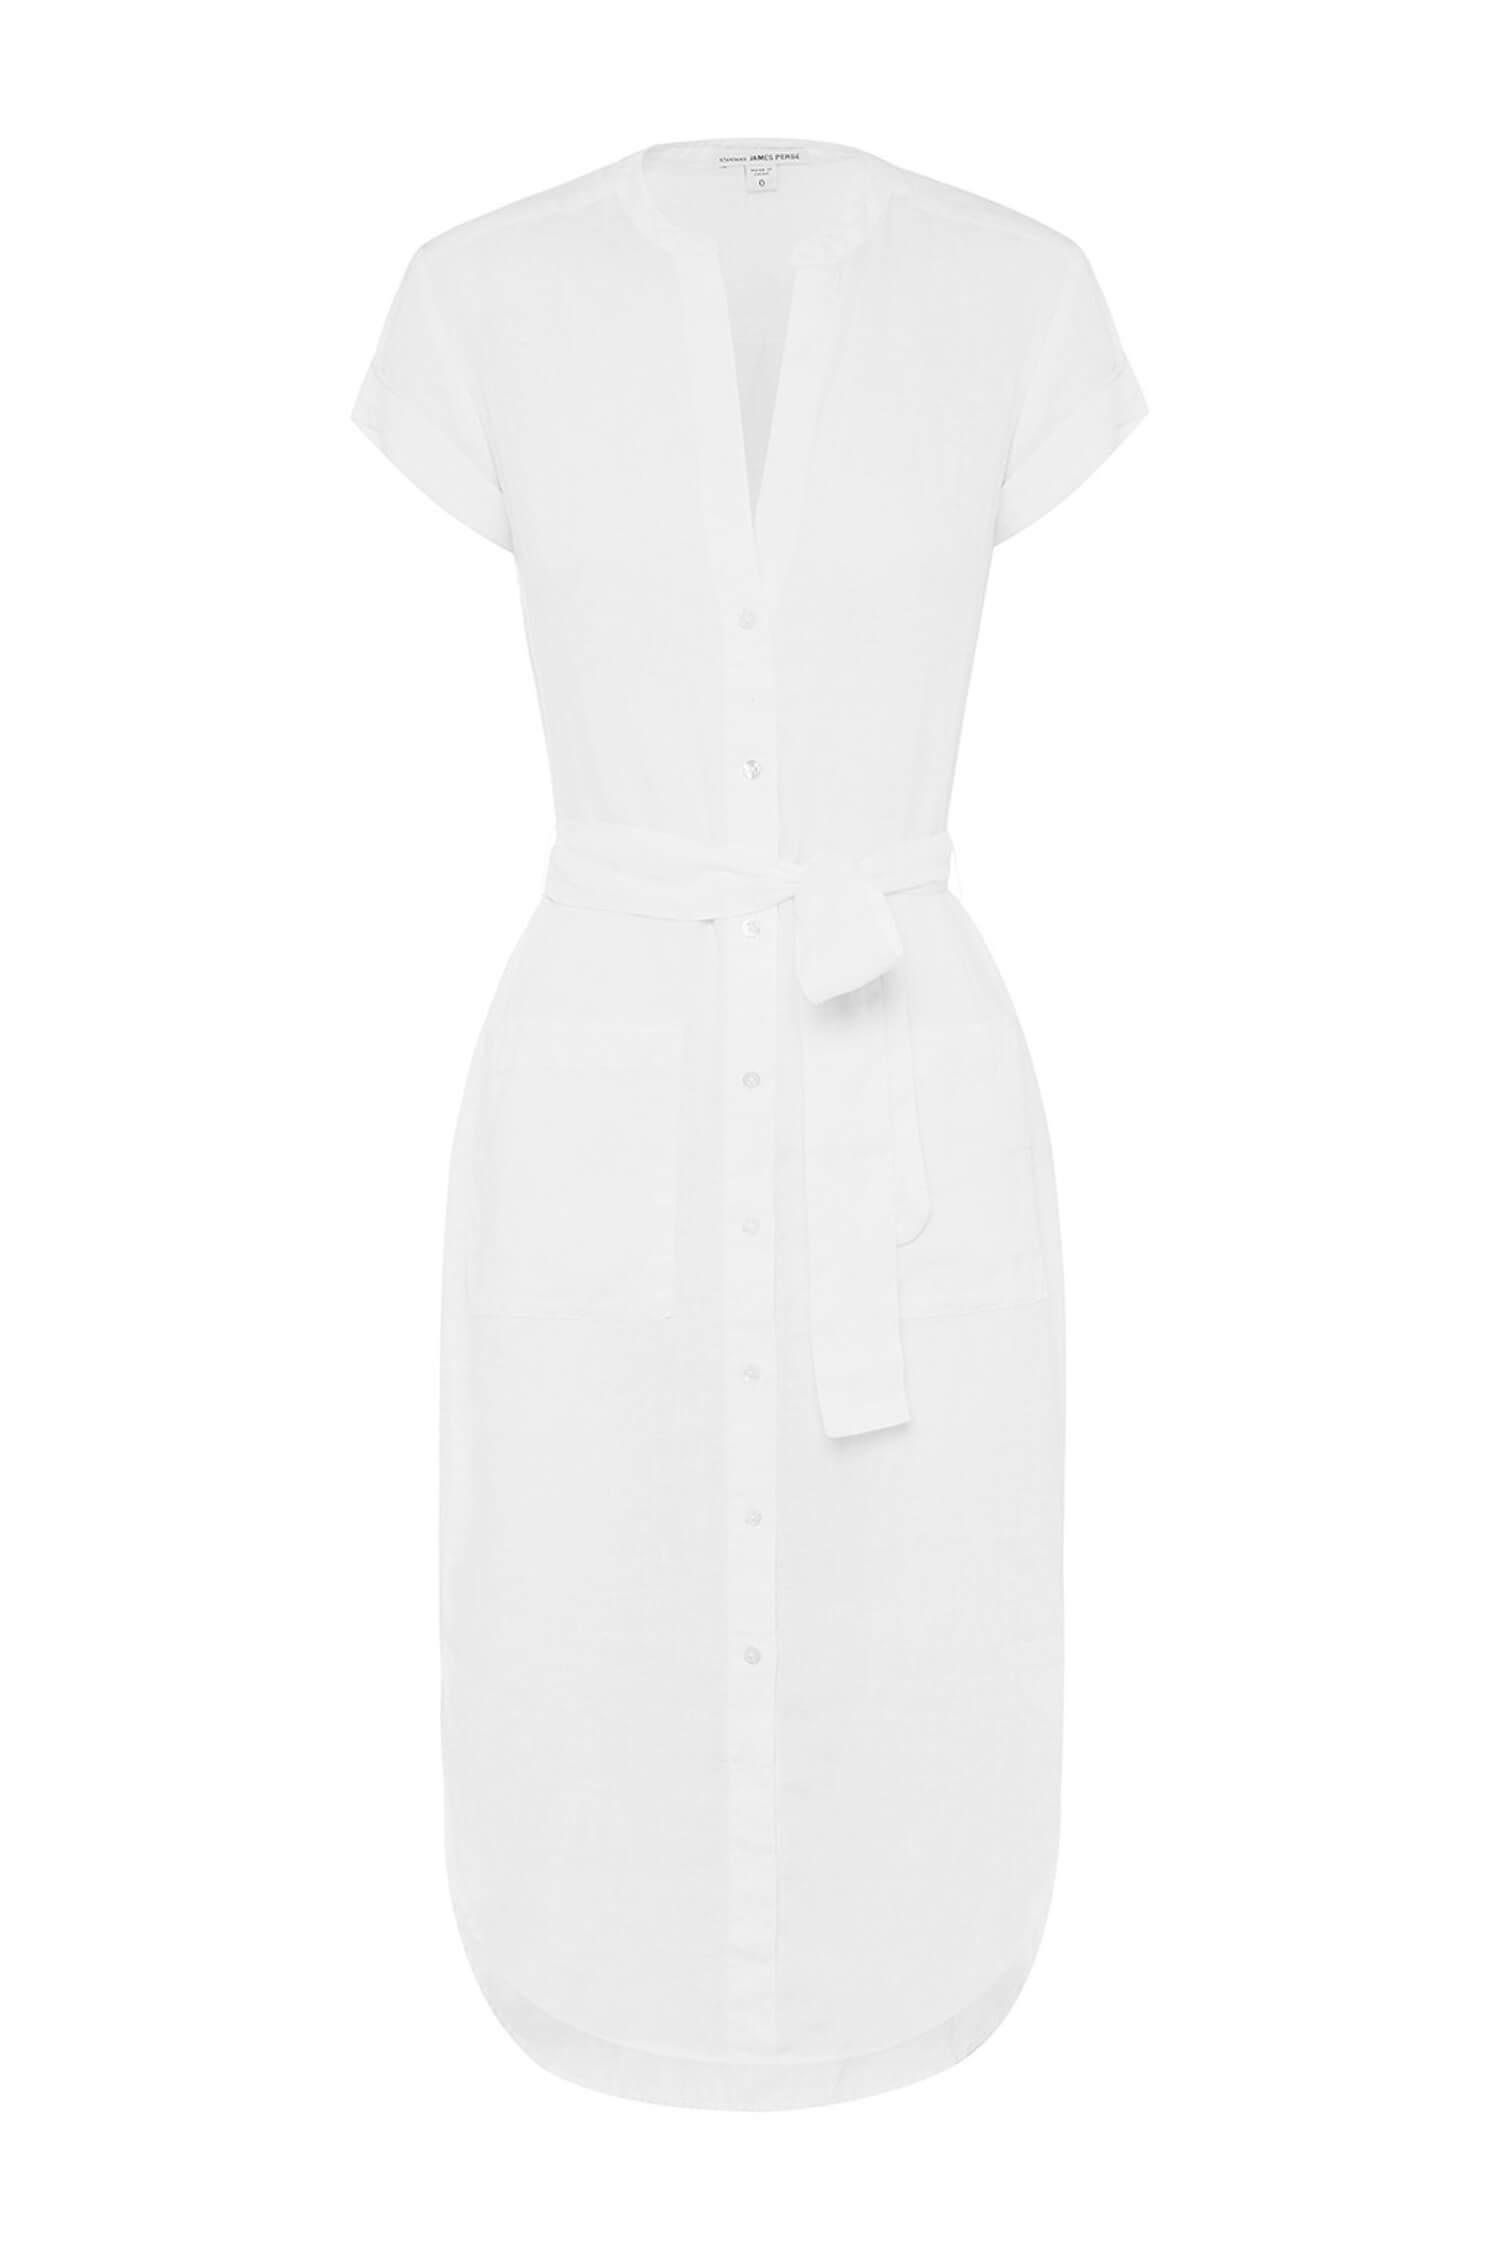 Linen Shirt Dress | Gift Guide for Her | est living